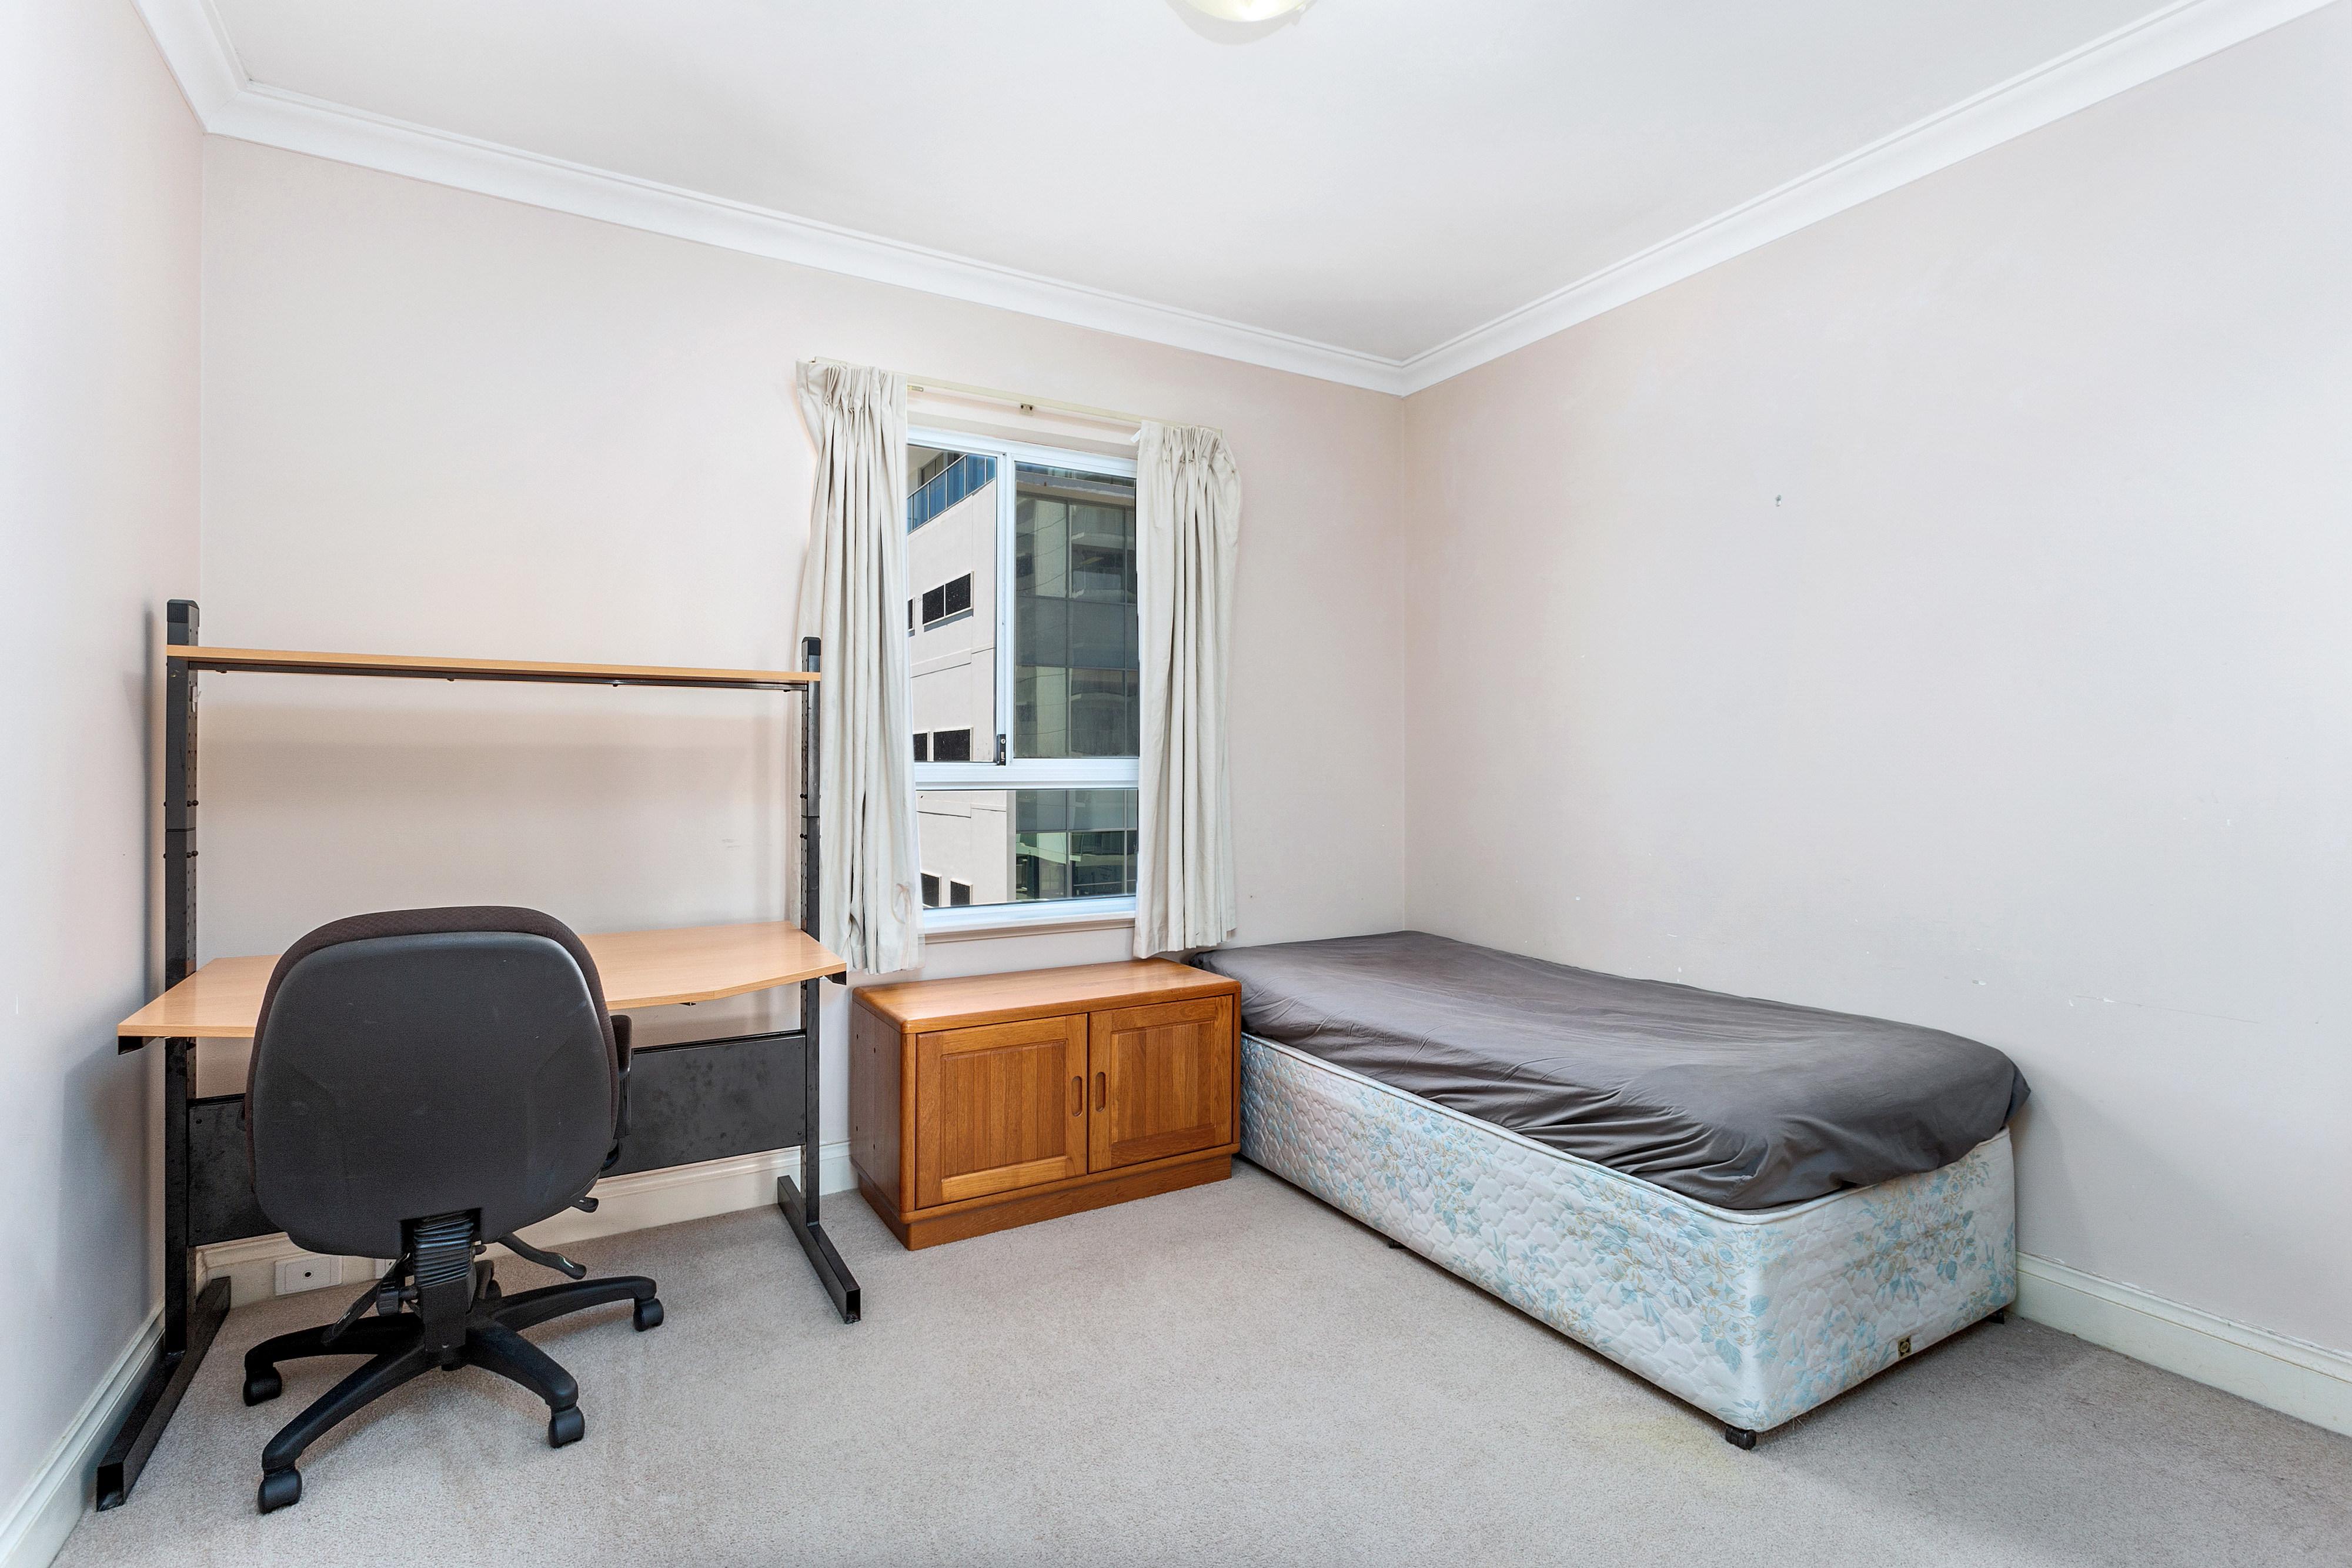 PRINT 9w 161 Colin Street, West Perth 02